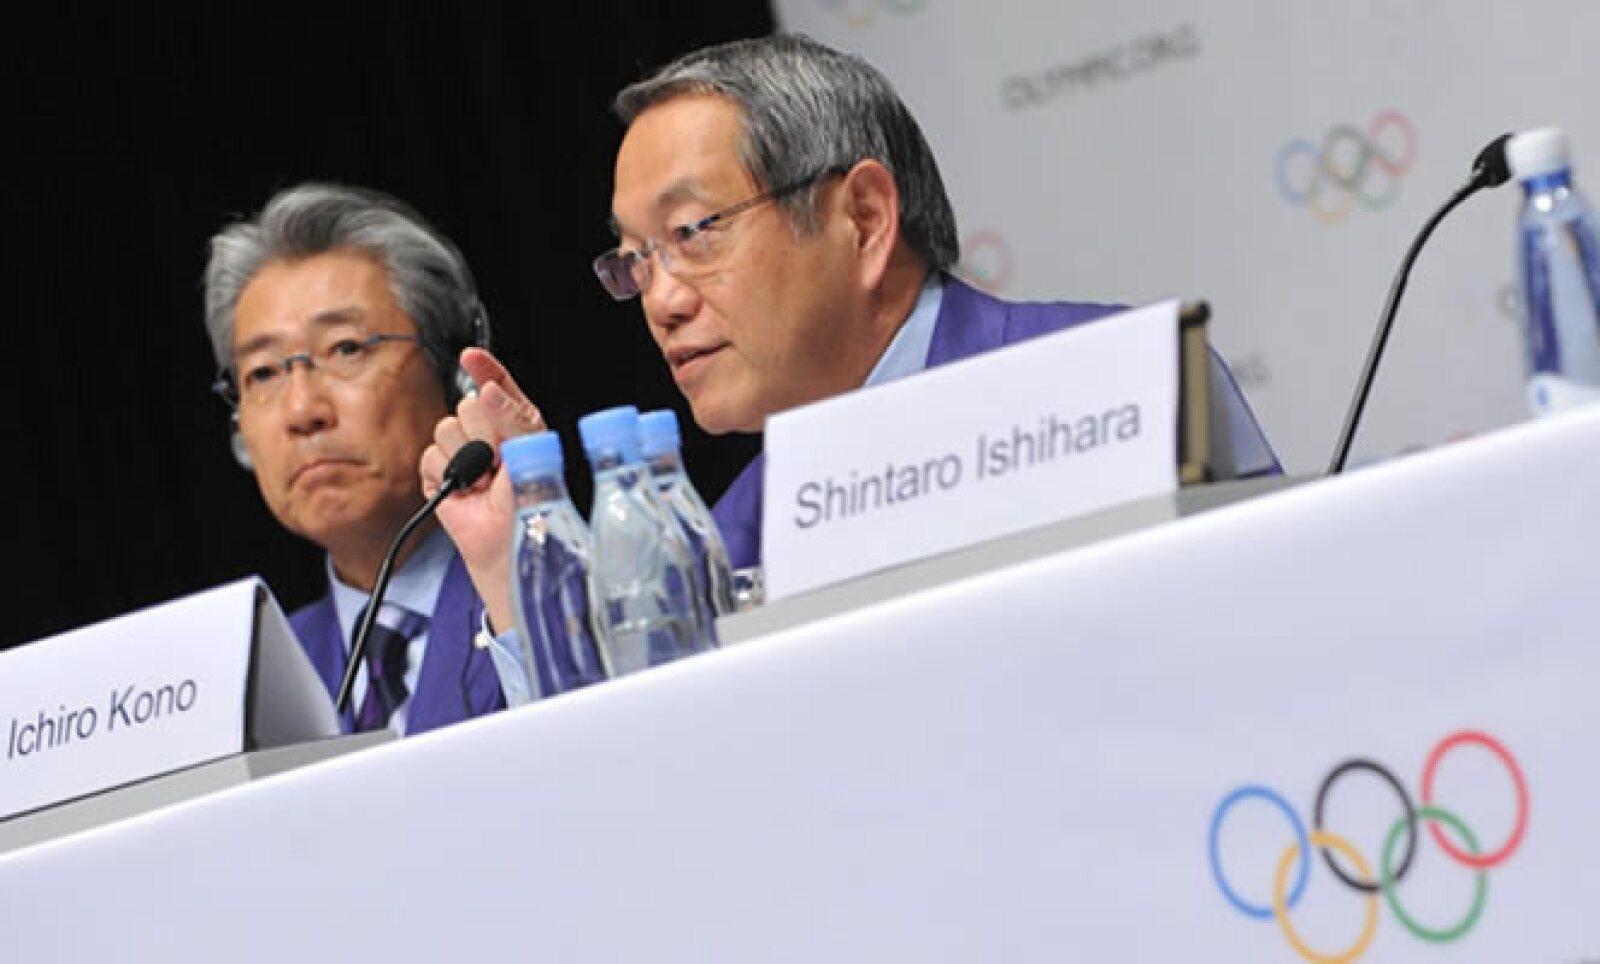 Tokio fue la primera eliminada de la selección de sede olímpica. Aquí, el presidente de la propuesta Ichiro Kono, y Shintaro Ishihara, Gobernador de Tokio.